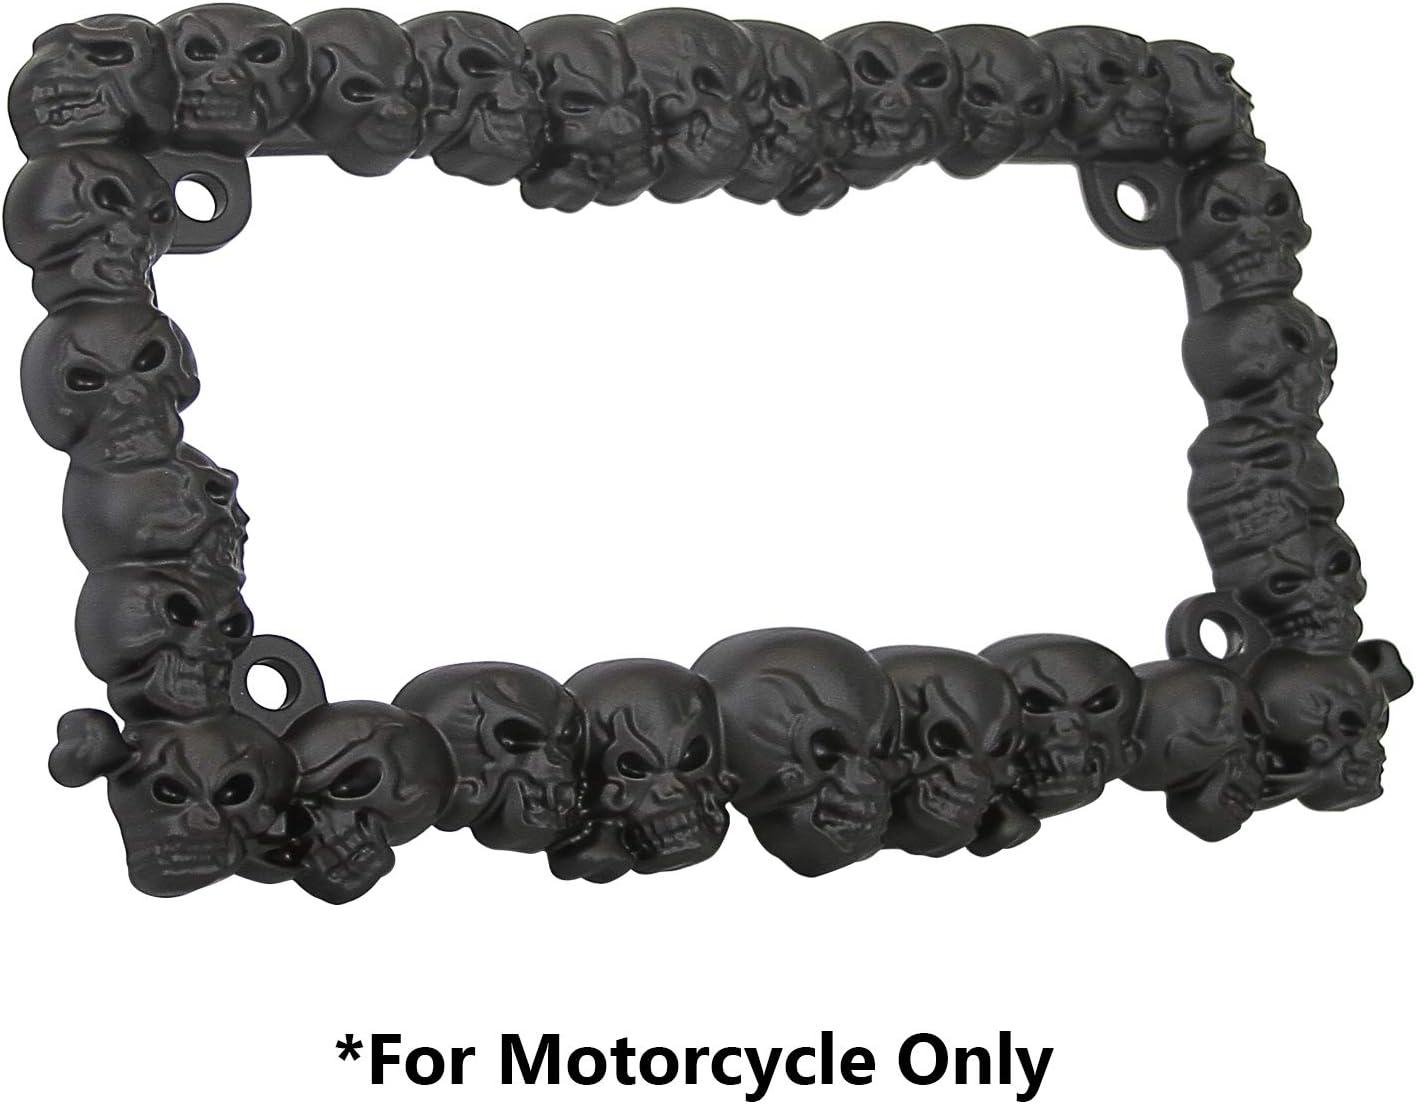 TC Sportline LPF270-BK 3D Skulls Style Zinc Metal Matte Black Finished Motorcycle License Plate Frame